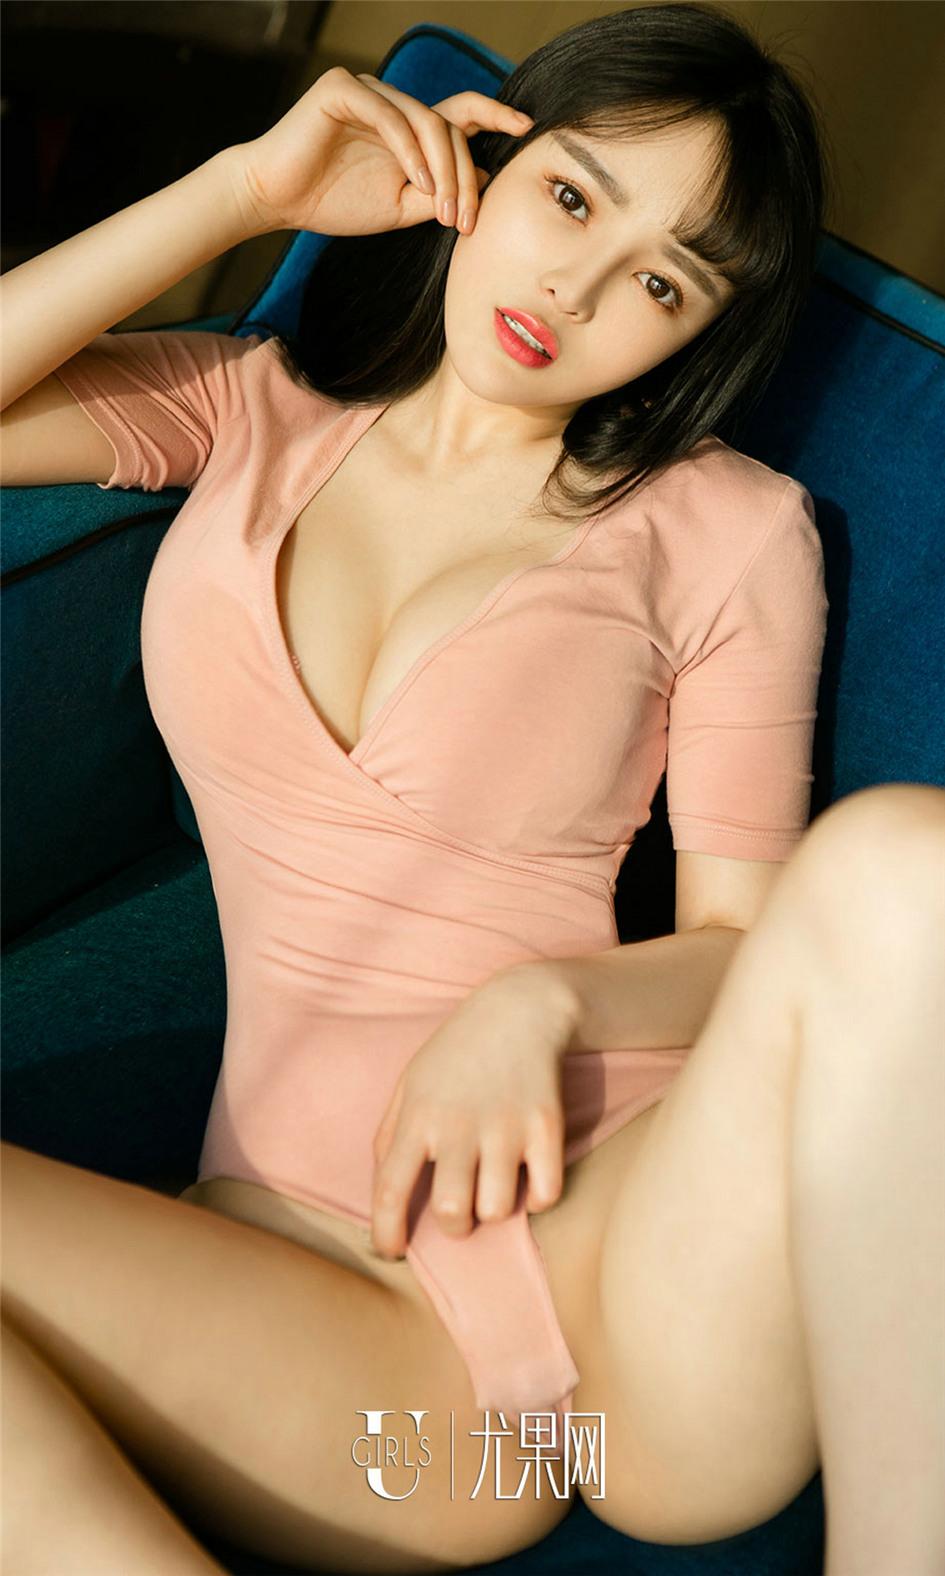 [尤果网] 美臀淑女王萌萌丰满美乳感性写真 第663期